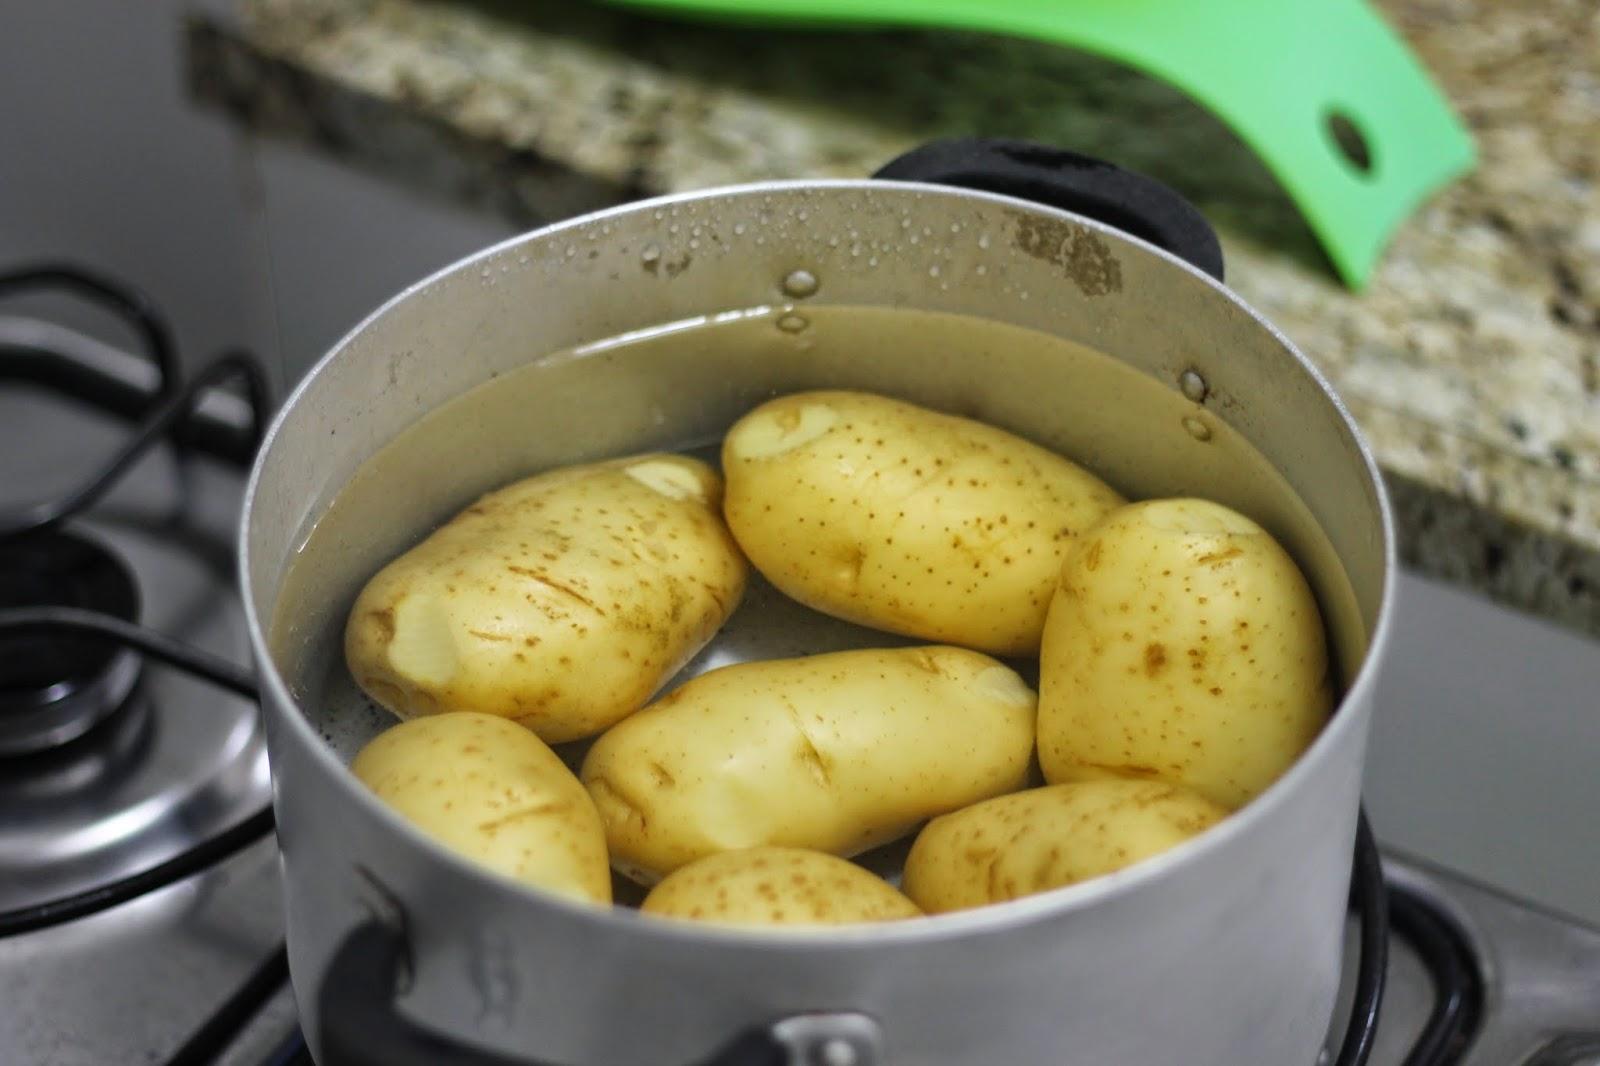 Resultado de imagem para cozinhando batatas com casca